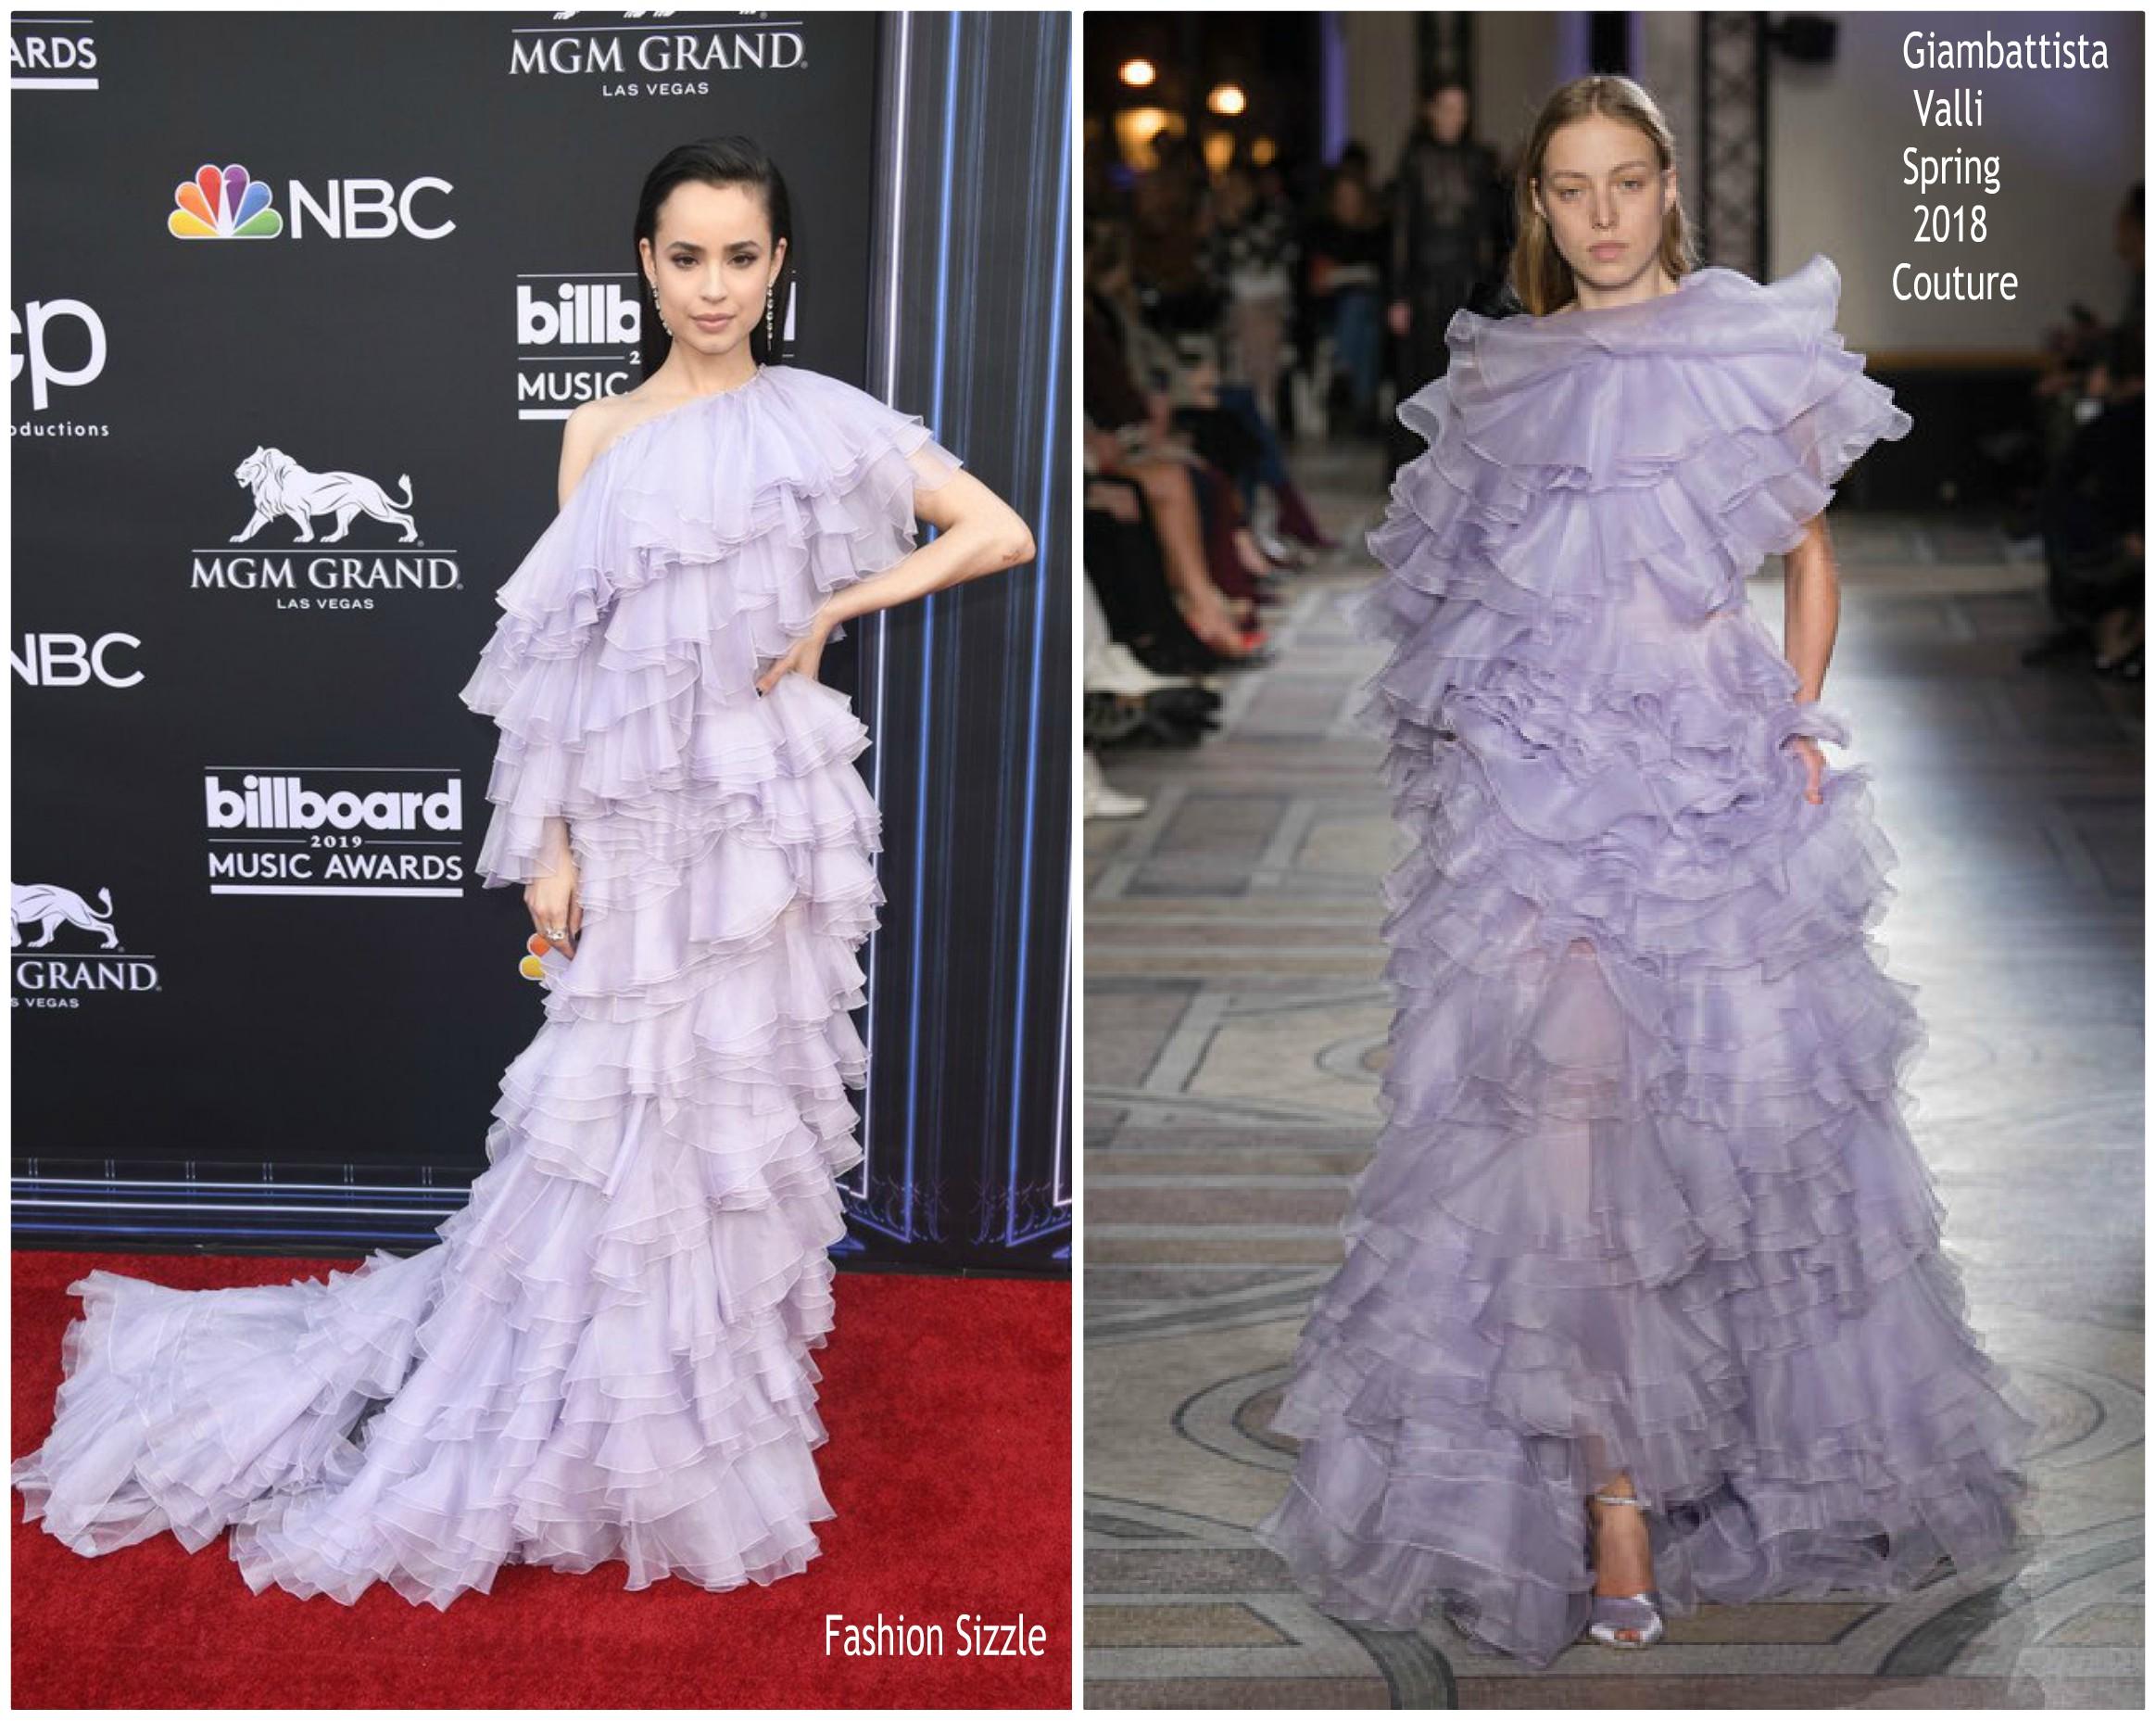 sofia-carson-in-giambattista-valli-haute-couture-2019-billboard-music-awards